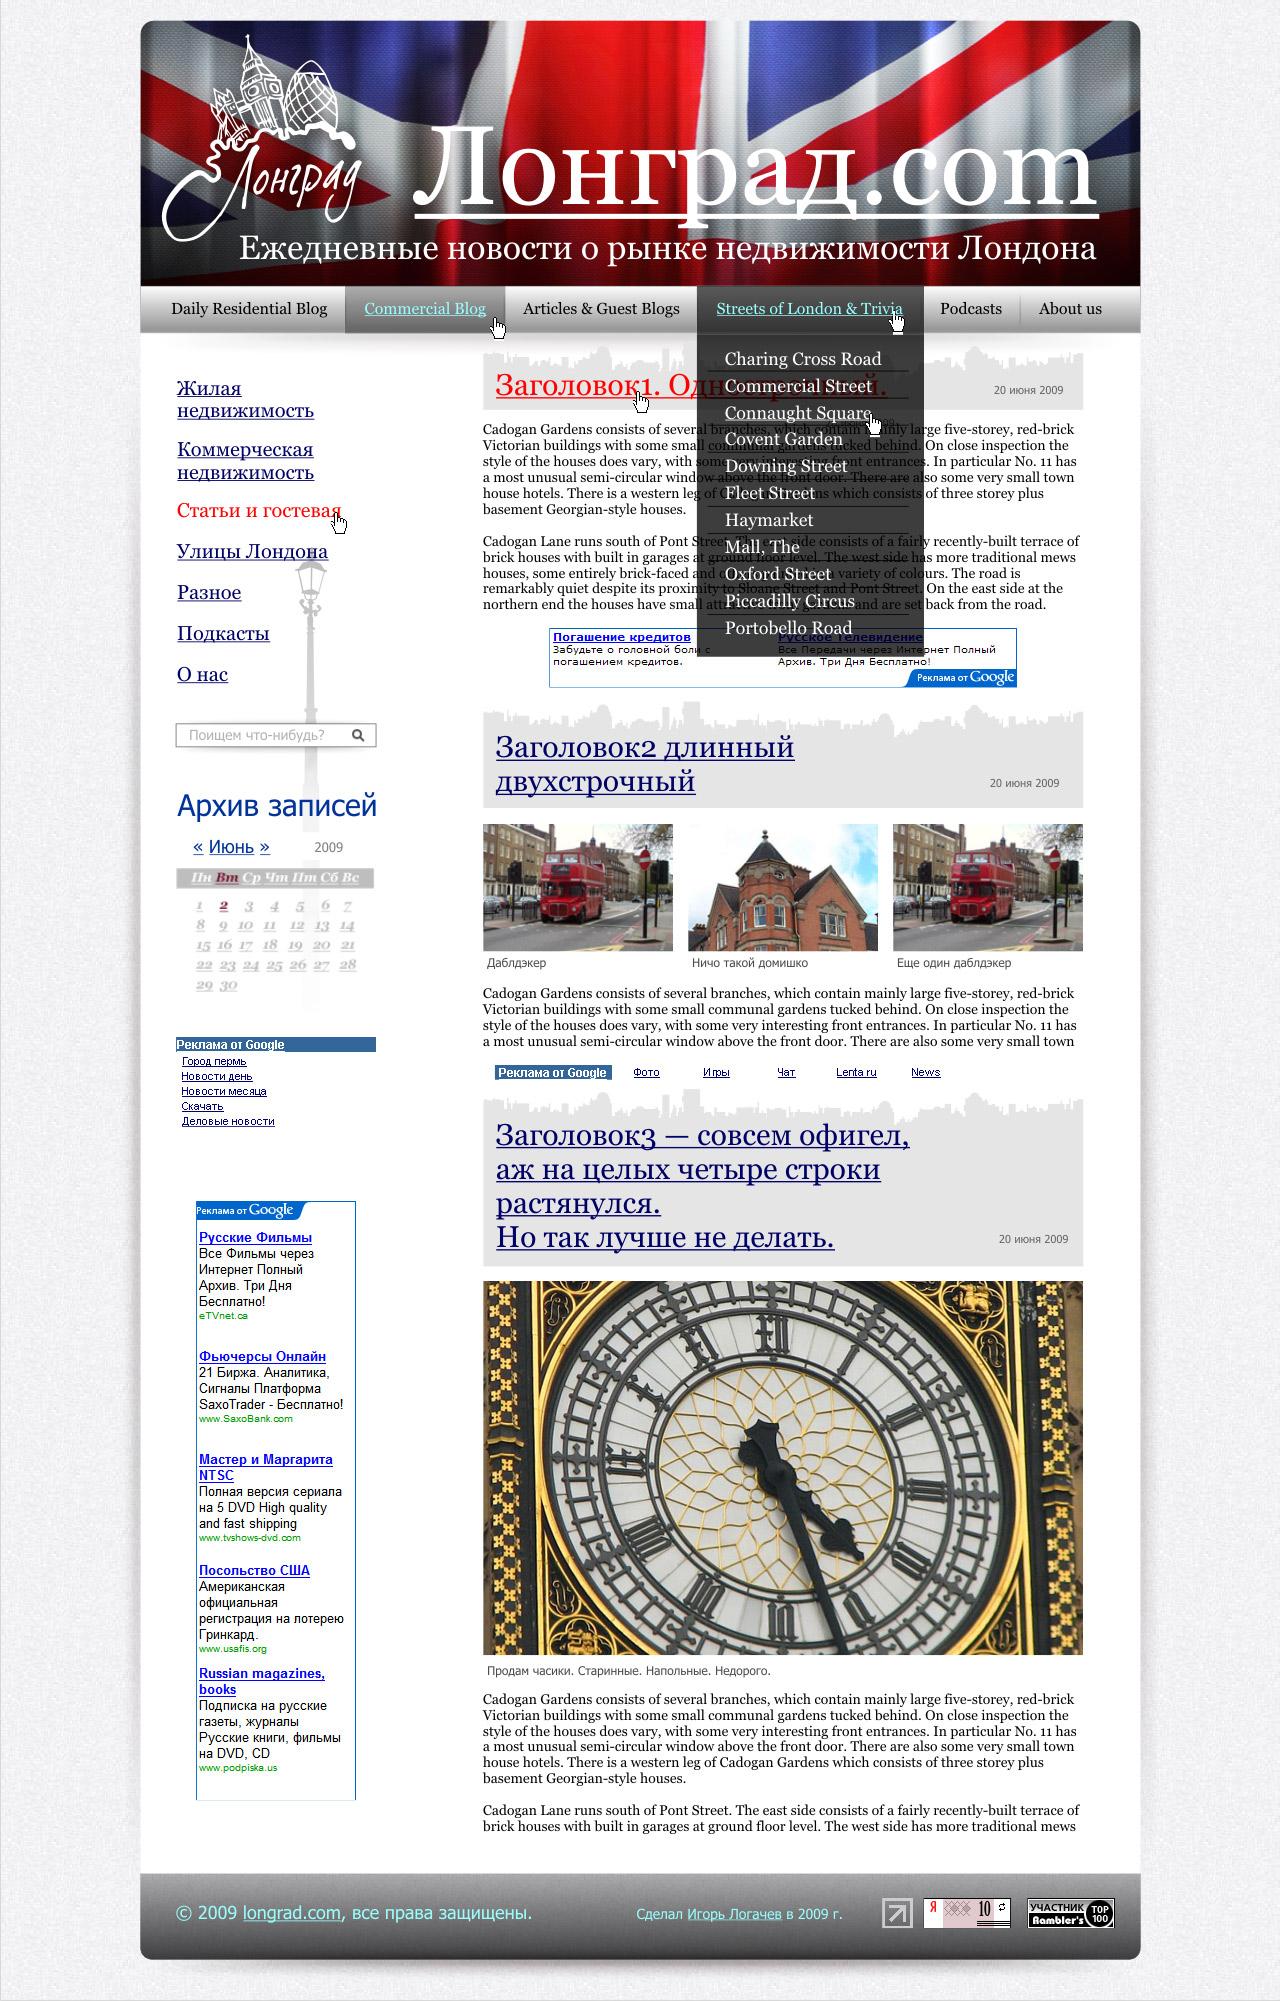 Создание сайтов в Пятигорске. Студия дизайна «360», Пятигорск.   Дизайн  сайта о недвижимости Лондона «Лонград» f5e40cde7d5